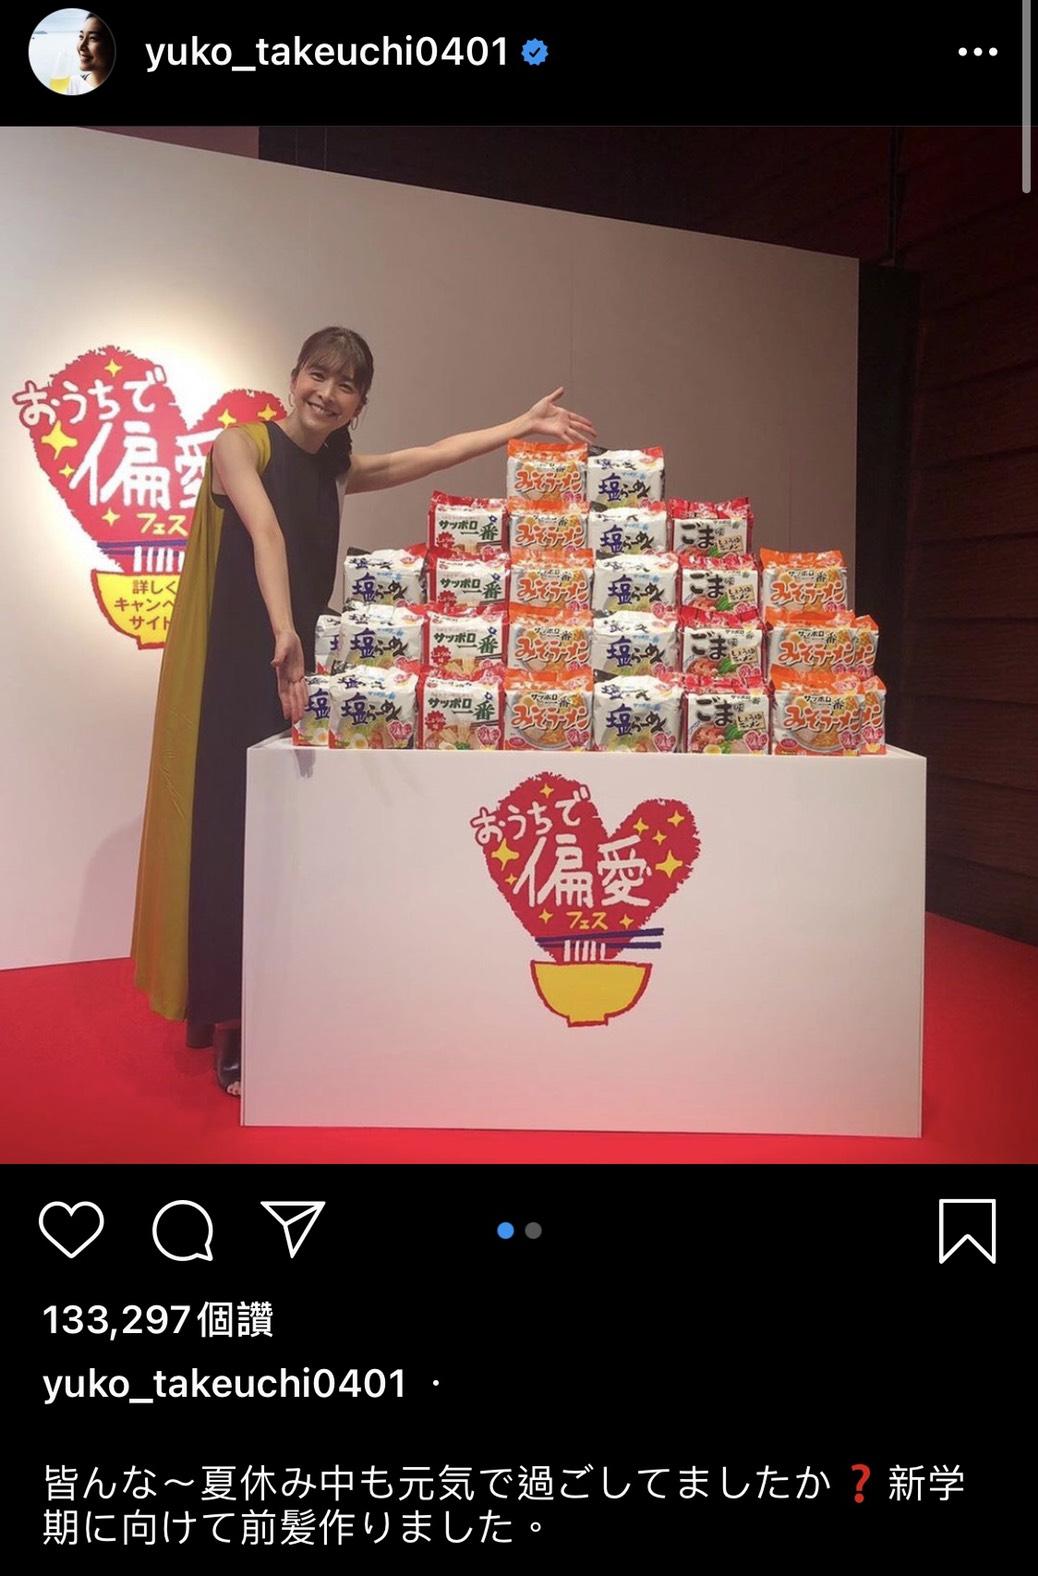 https://www.instagram.com/yuko_takeuchi0401/